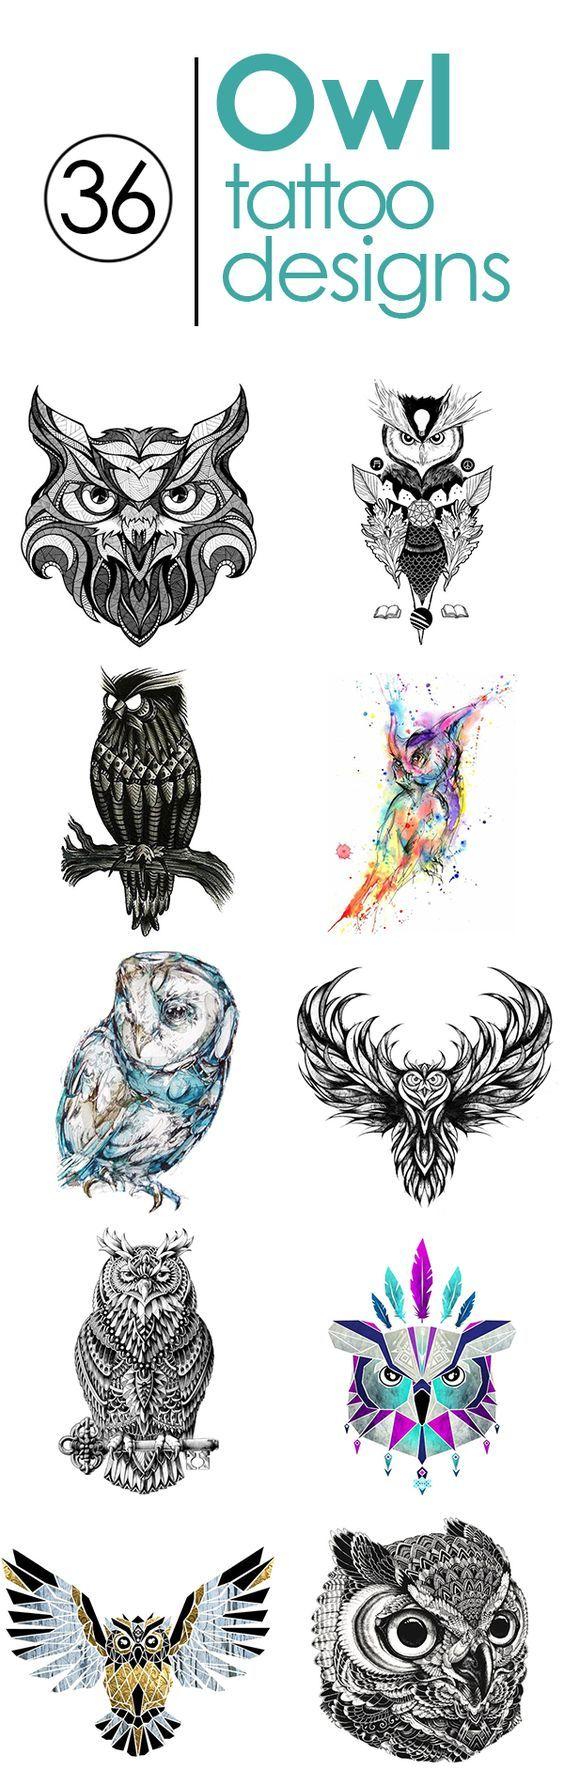 36 Best owl tattoo designs in full size. http://www.gettattoed.com/tattoo-designs/owl-tattoo-designs/: